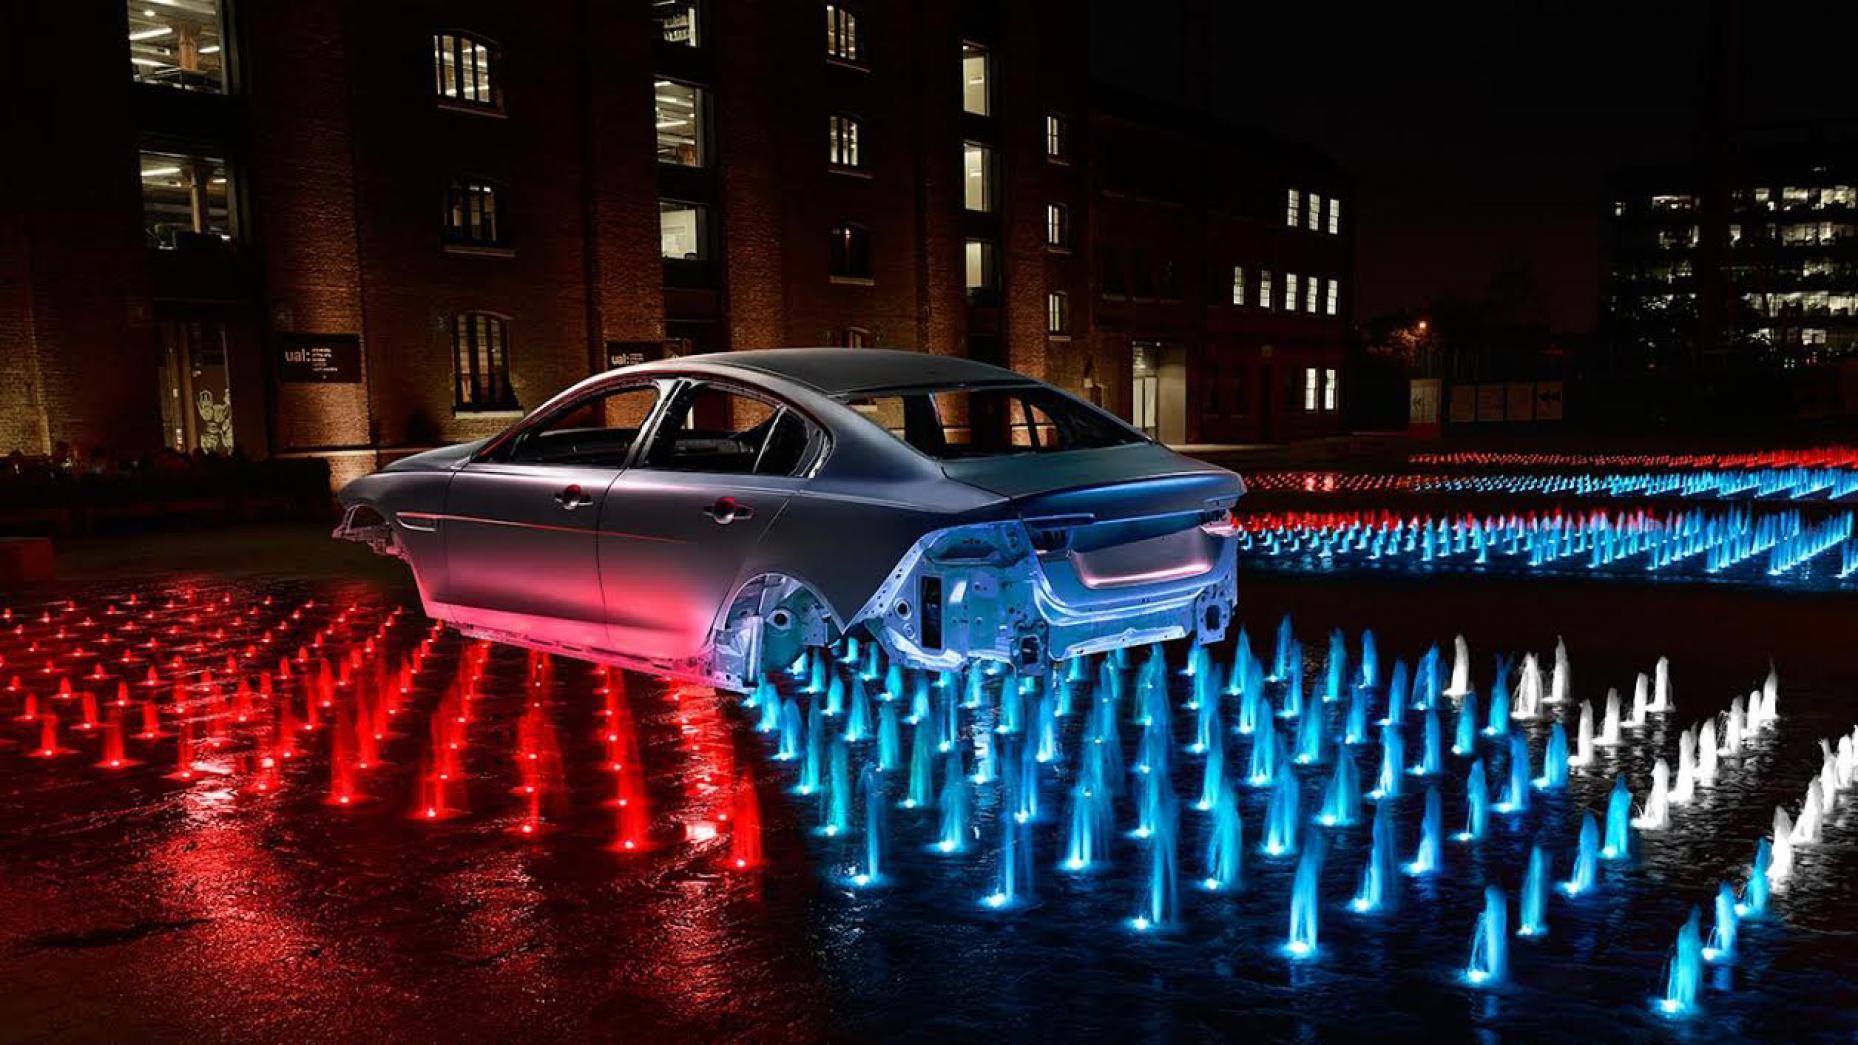 Jaguar has recycled 50,000 tonnes of metal